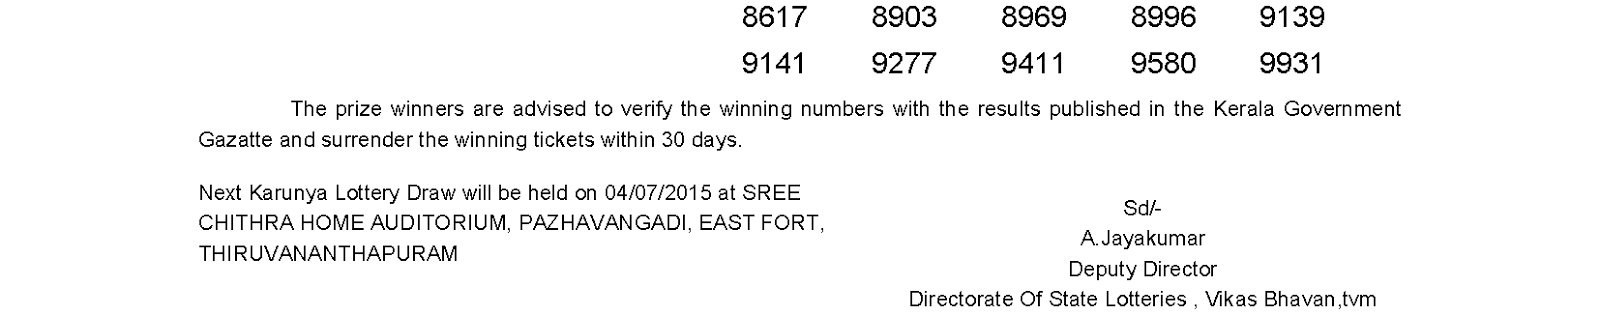 Karunya Lottery KR 196 Result 27-6-2015